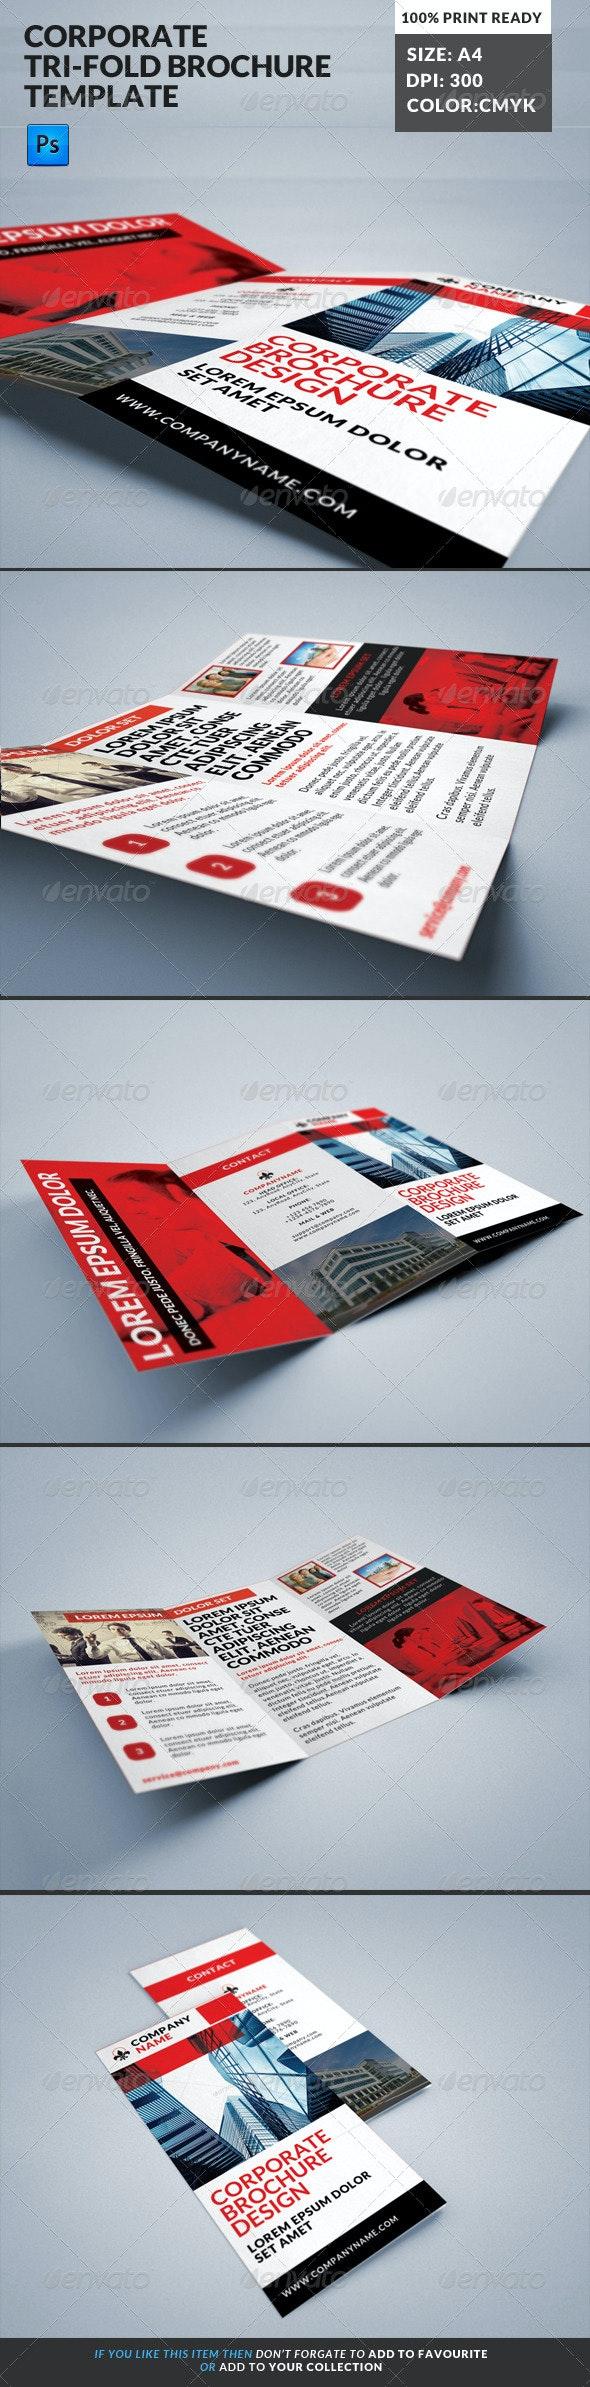 Corporate Tri-Fold Brochures Template 15 - Corporate Brochures